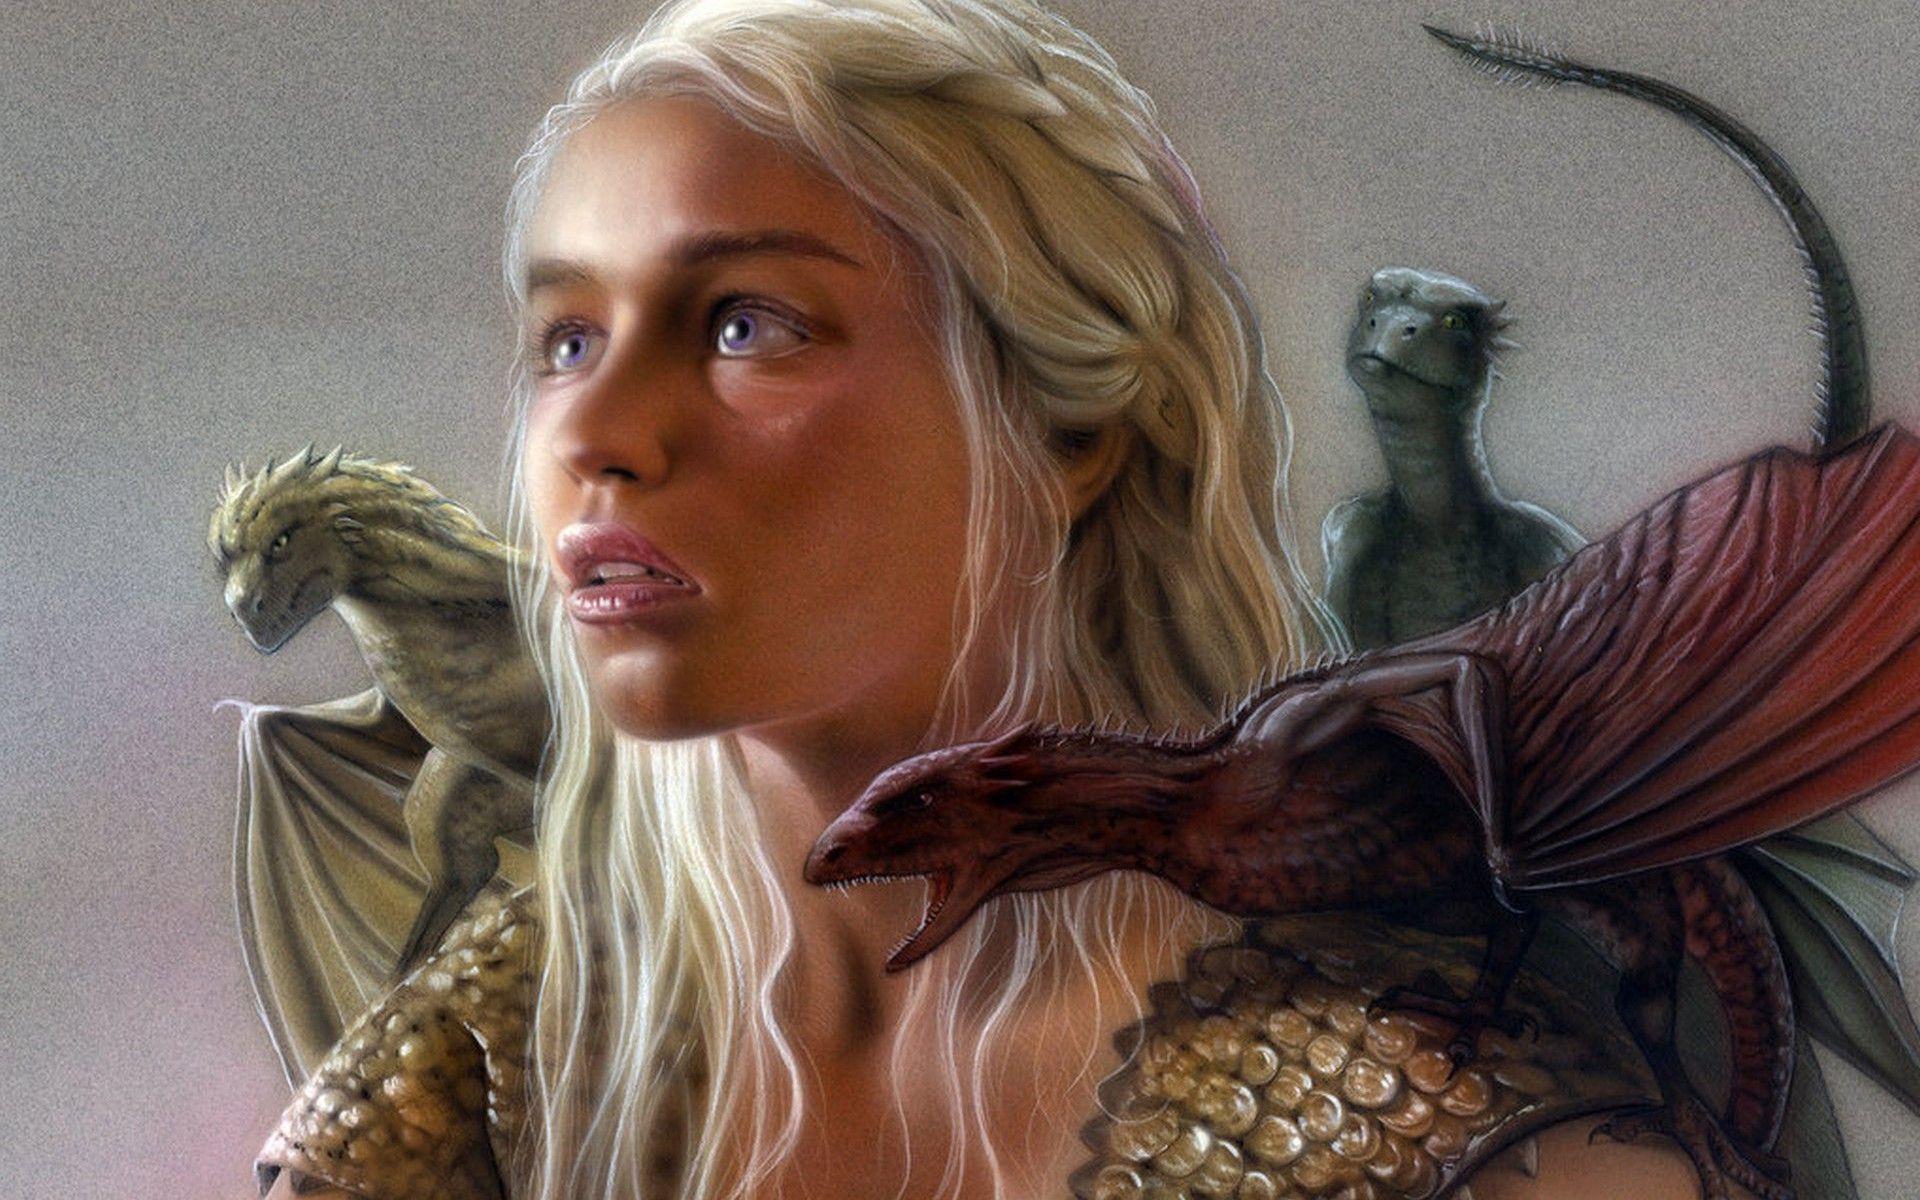 Daenerys Targaryen Game of Thrones Wallpaper 10237